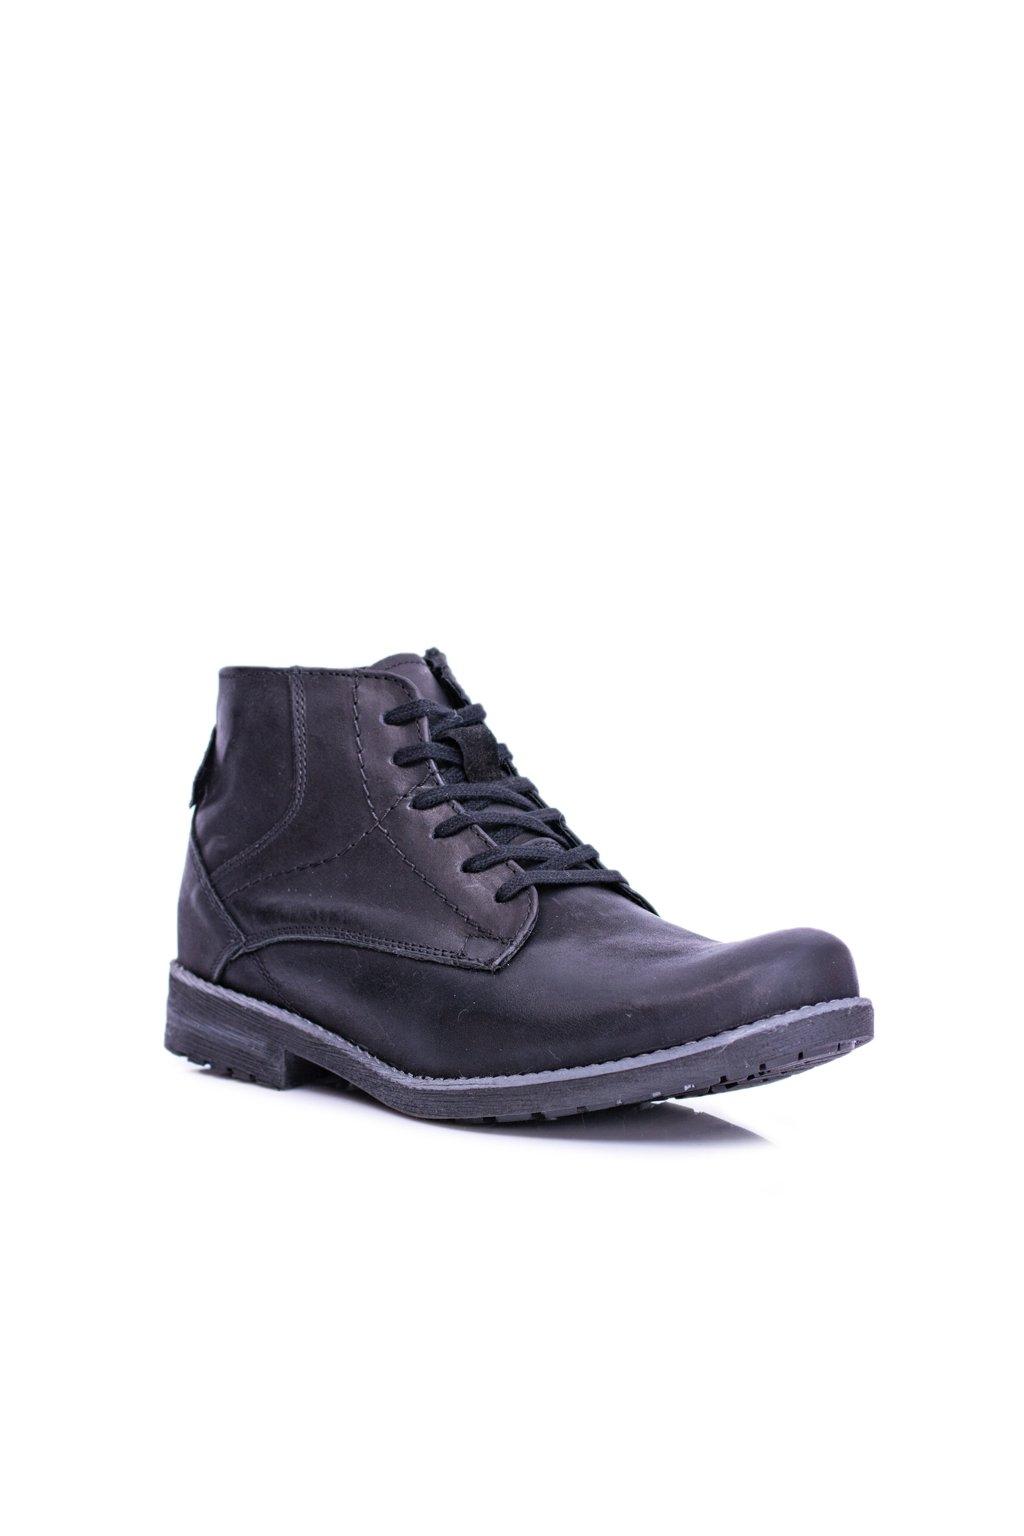 Pánske topánky na zimu farba čierna kód obuvi 731 BLK